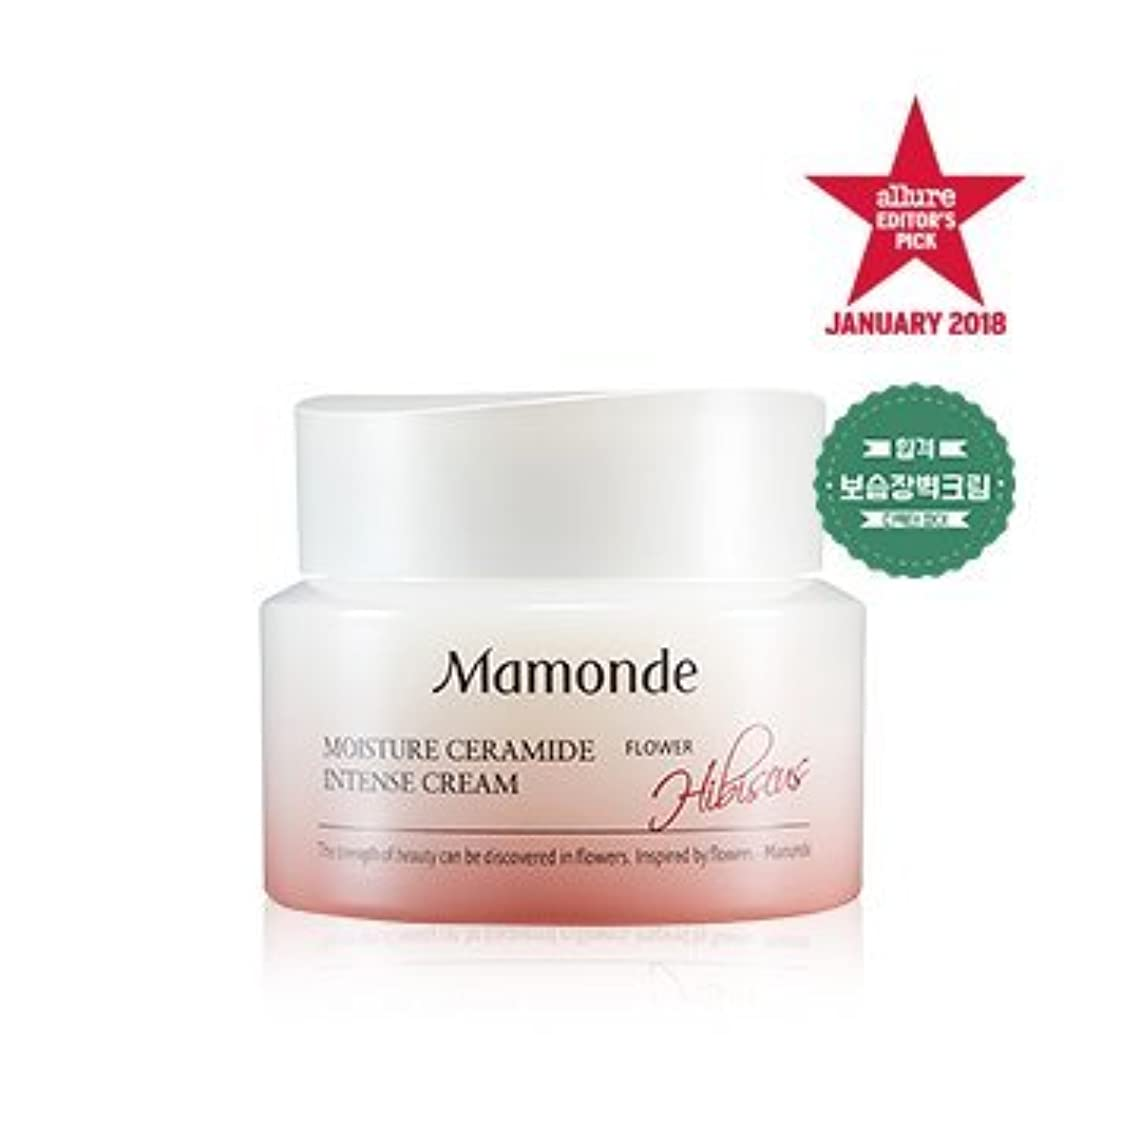 医療の彼らの縫い目[MAMONDE] モイスチャーセラミドインテンシブクリーム / Moisture Ceramide Intense cream 50ml [並行輸入品]